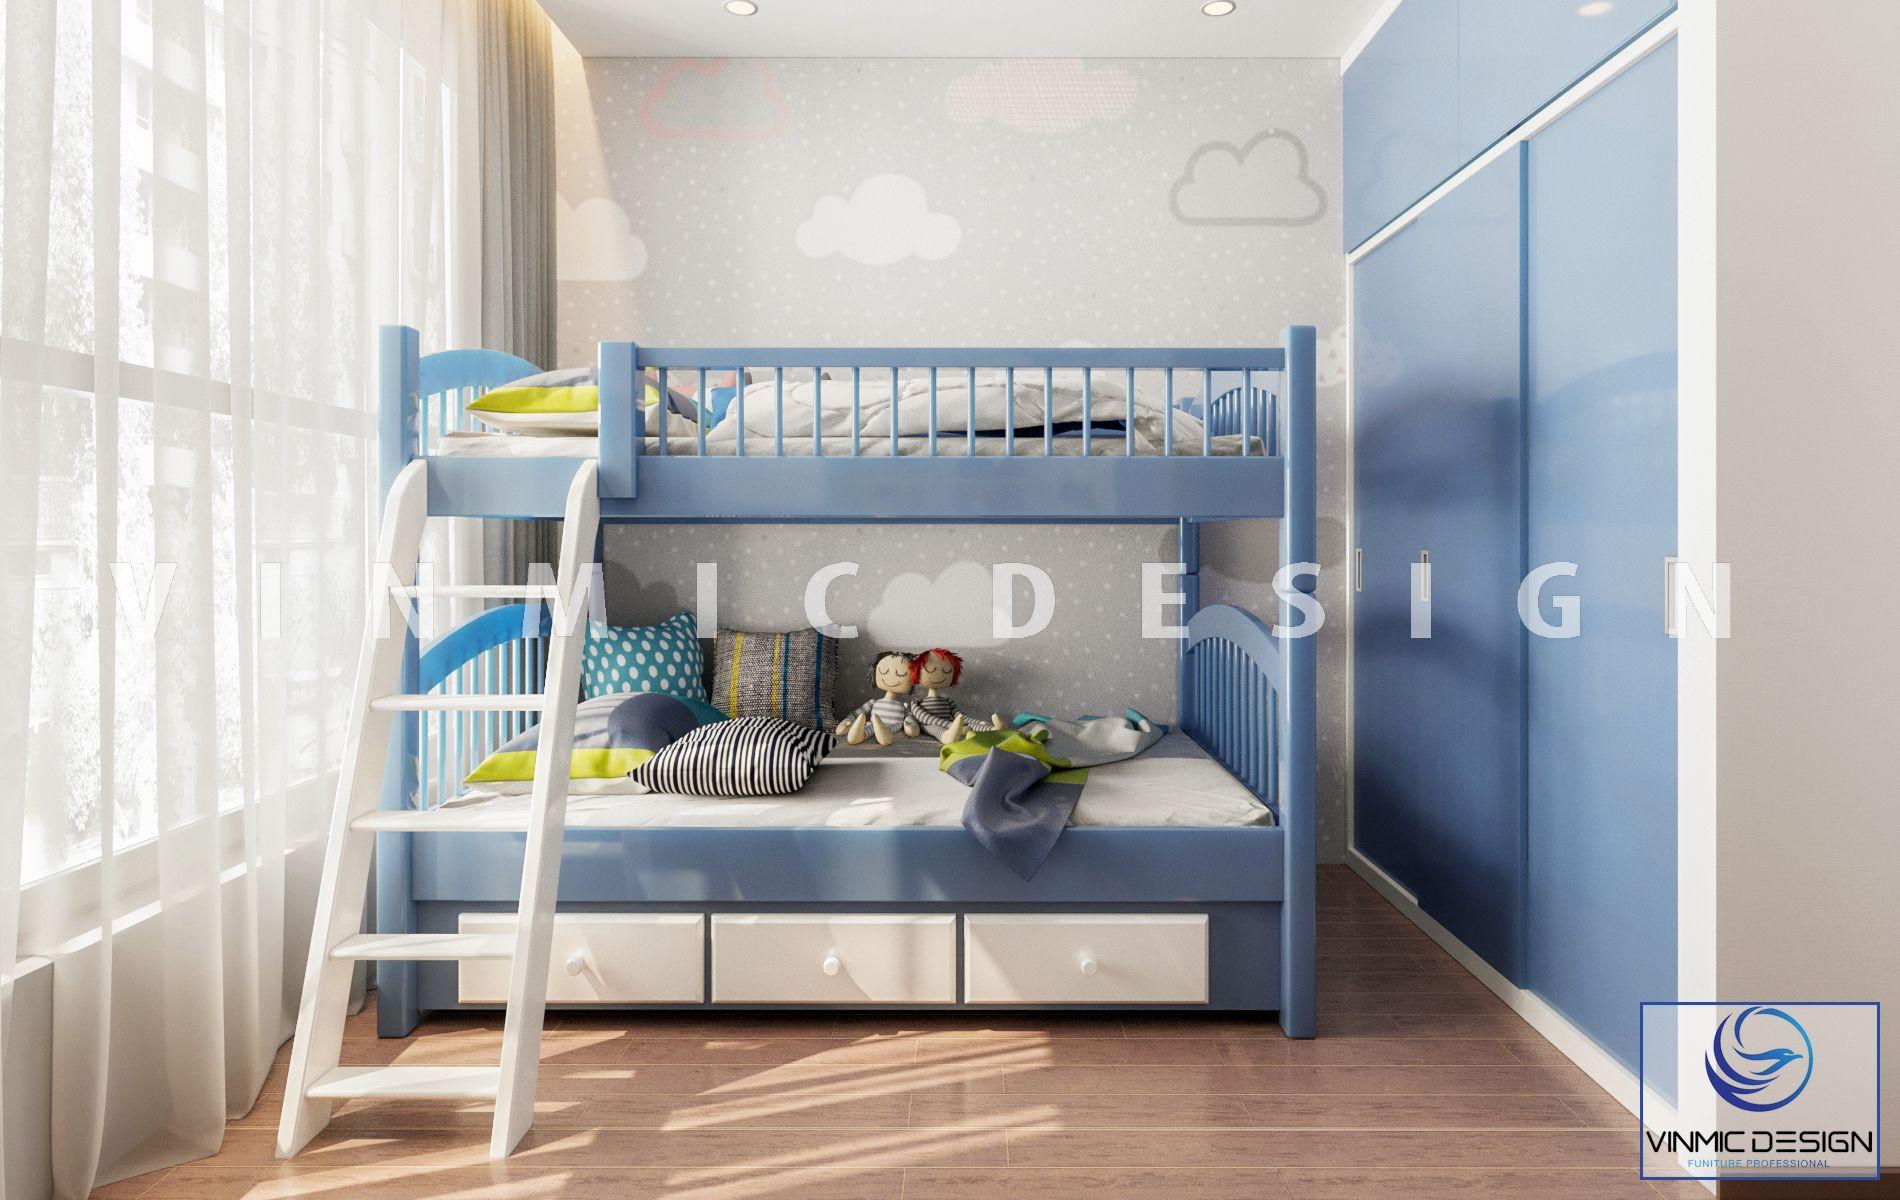 Thiết kế nội thất phòng ngủ cho bé sinh đôi cho căn phòng có diện tích khiêm tốn